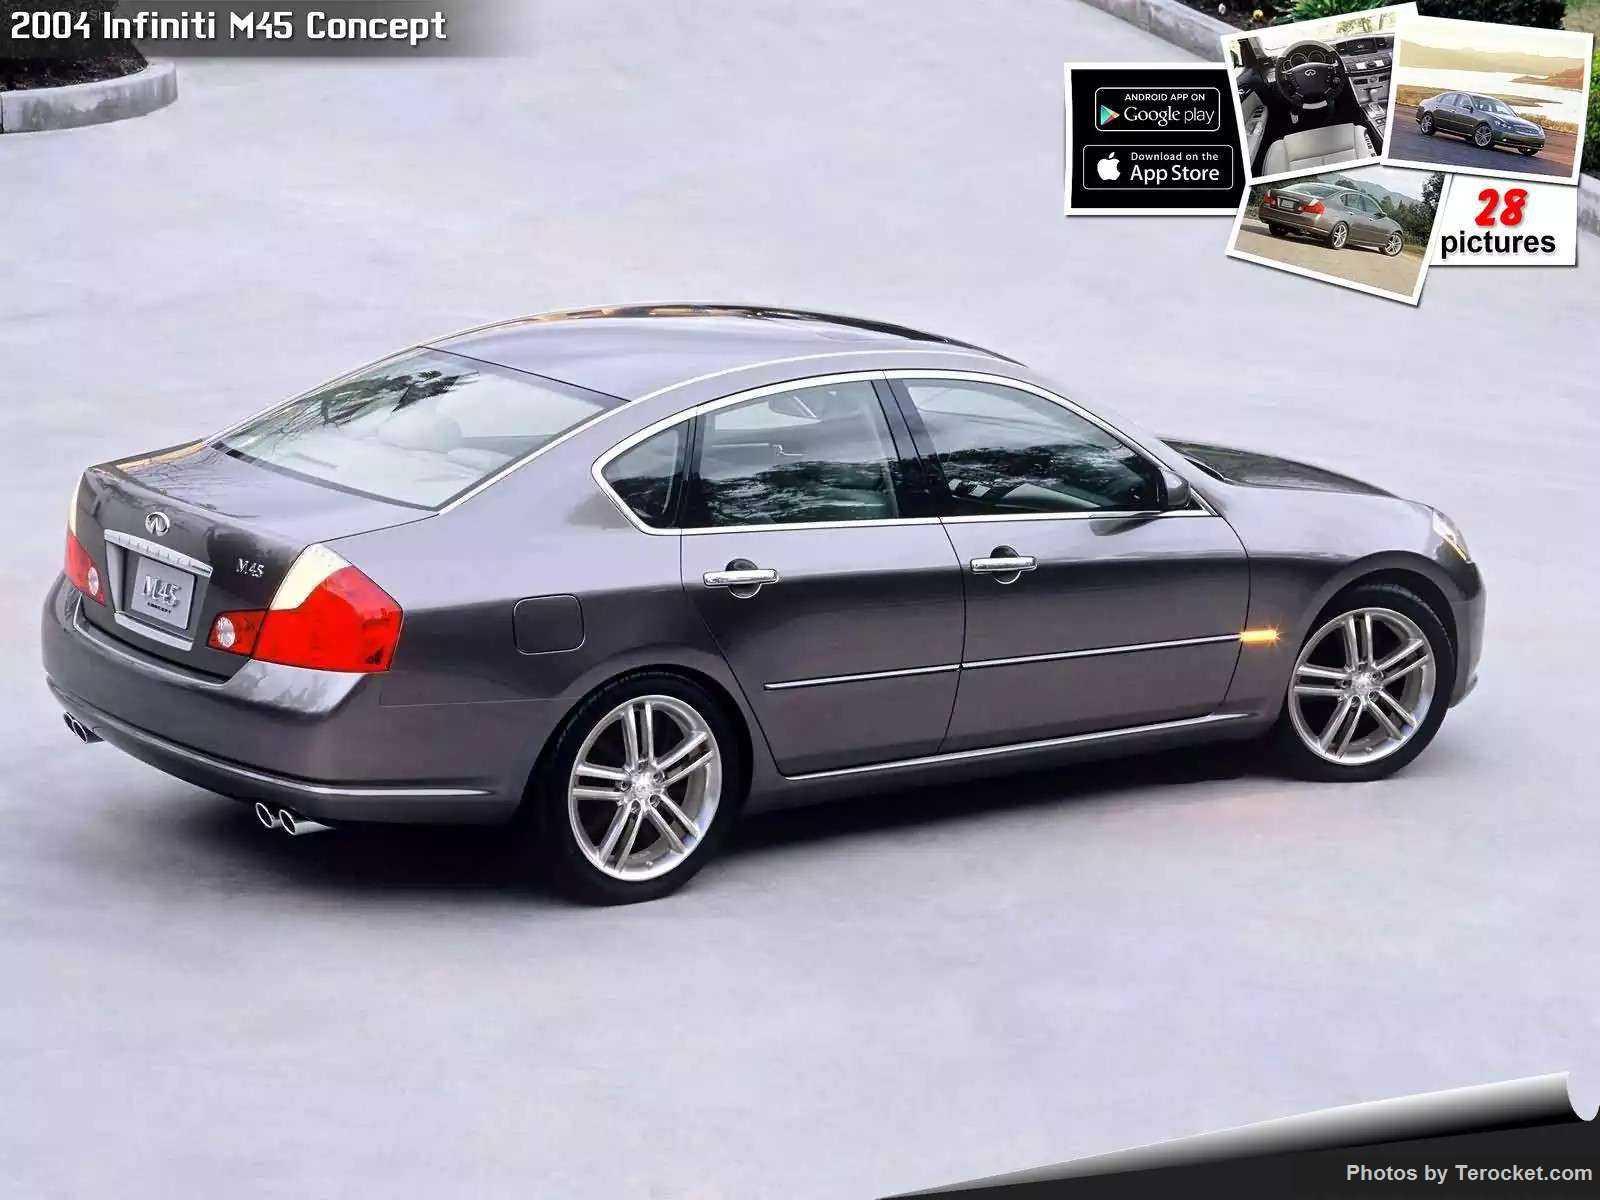 Hình ảnh xe ô tô Infiniti M45 Concept 2004 & nội ngoại thất